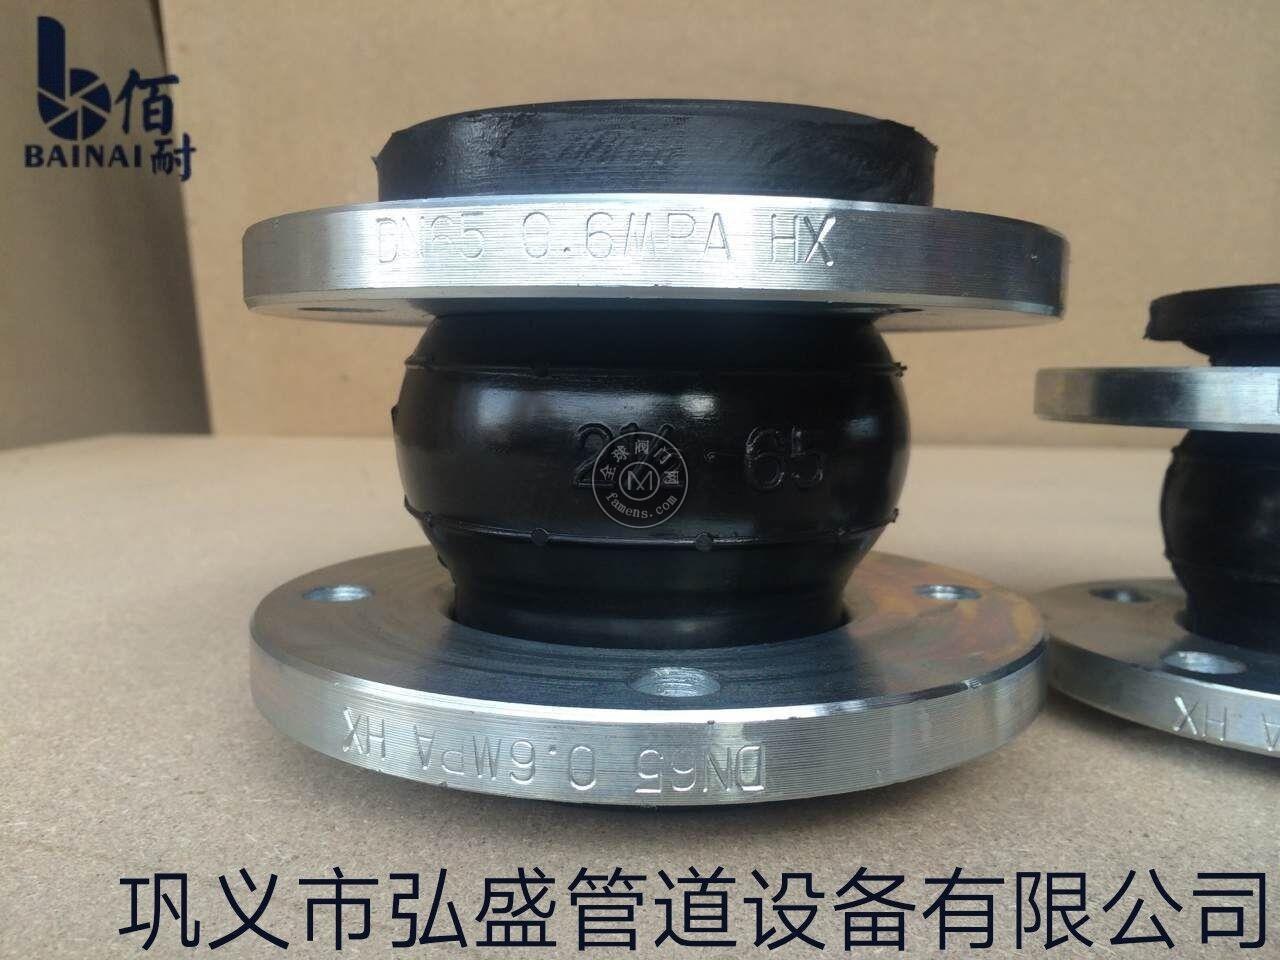 閥門伴侶佰耐可曲撓橡膠接頭 橡膠軟接頭 橡膠膨脹節